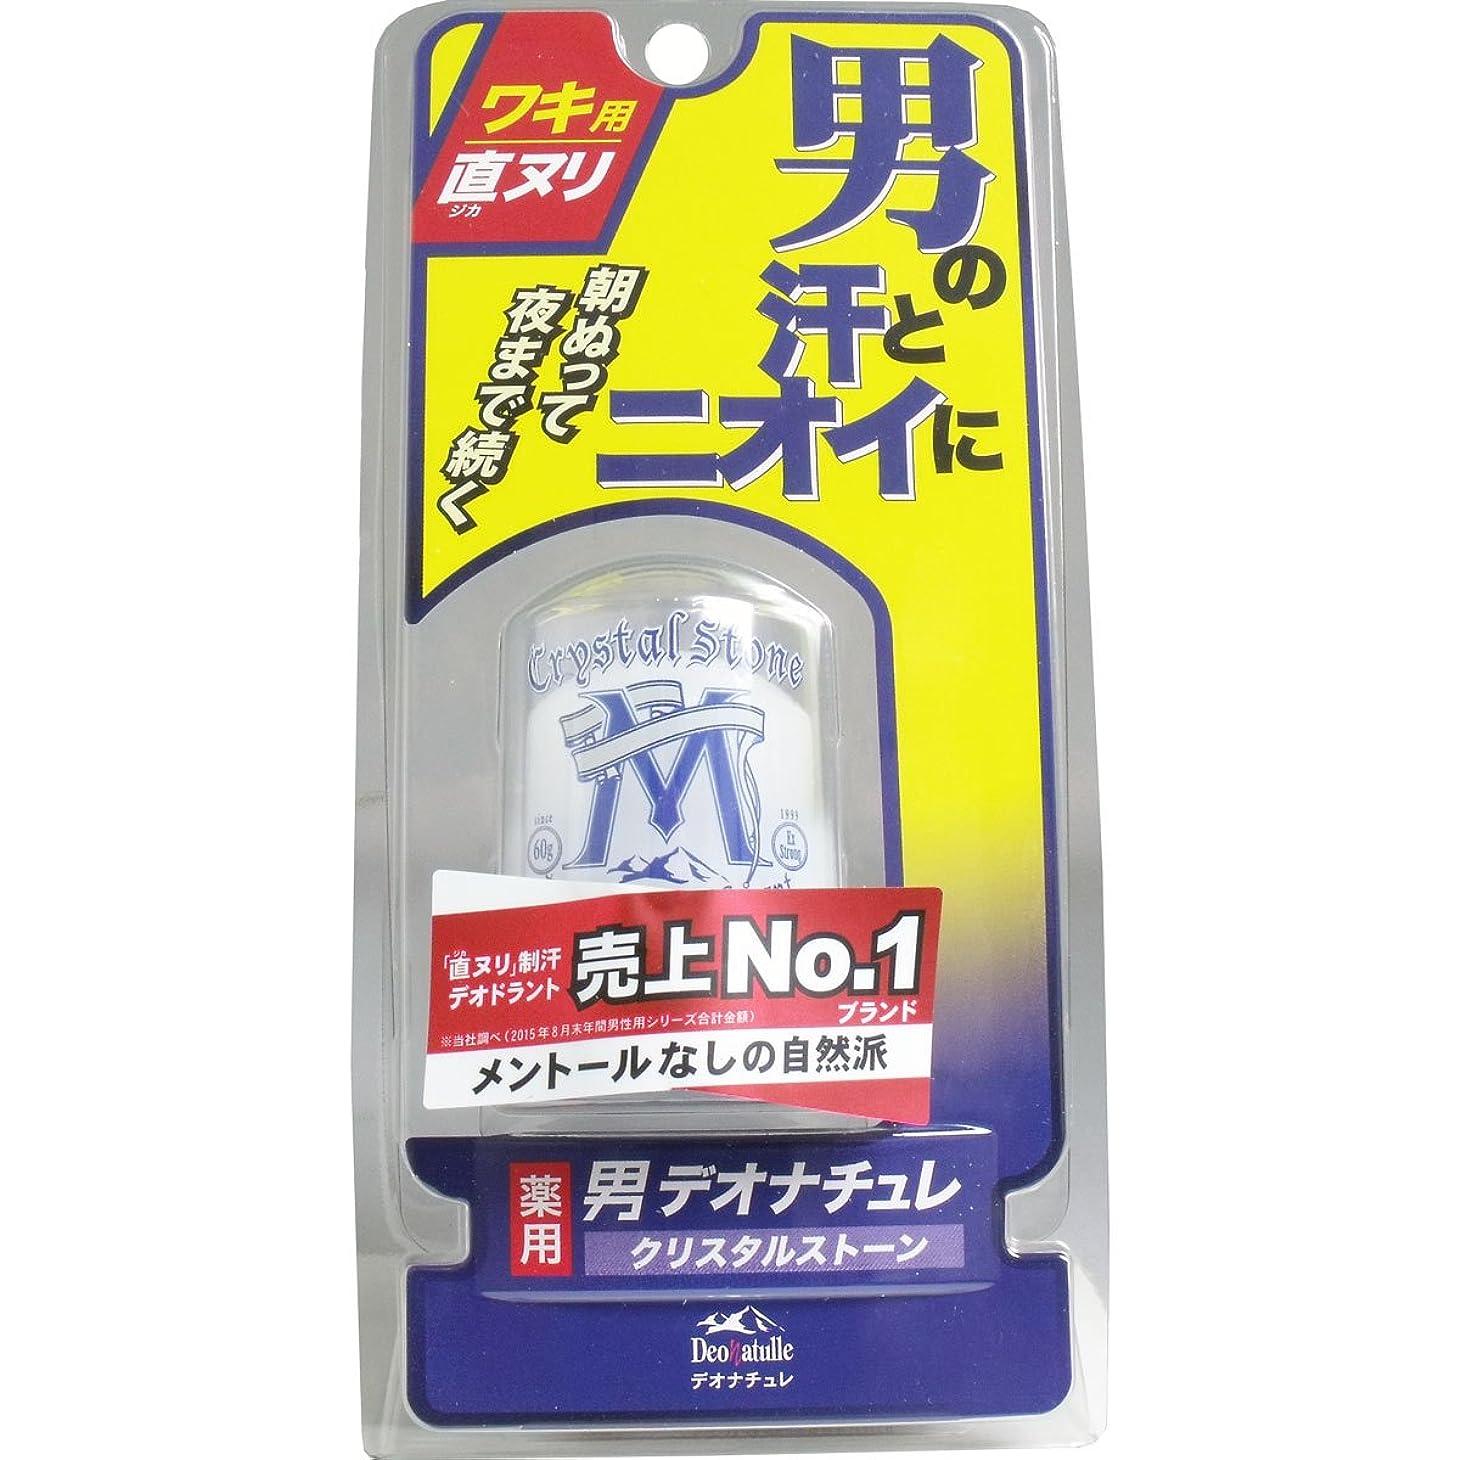 あいさつ挽くお酢デオナチュレ 男クリスタルストーン 60Gx6個セット (4971825011778)